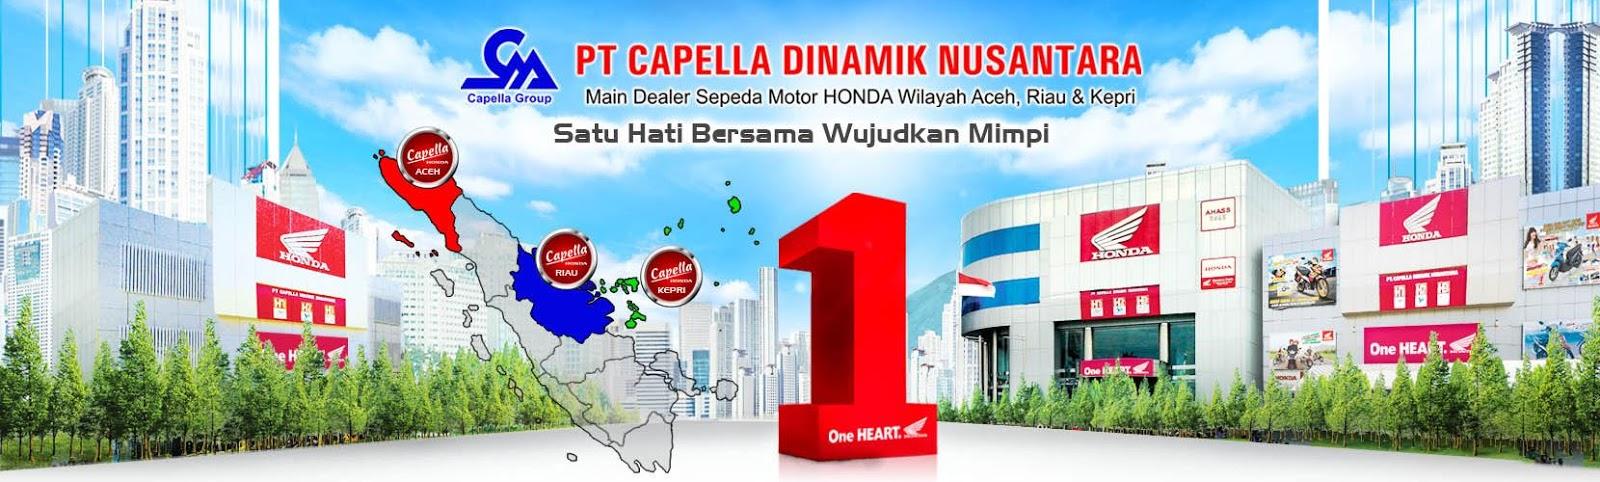 Lowongan ARS PT Capella Dinamik Nusantara Januari 2018